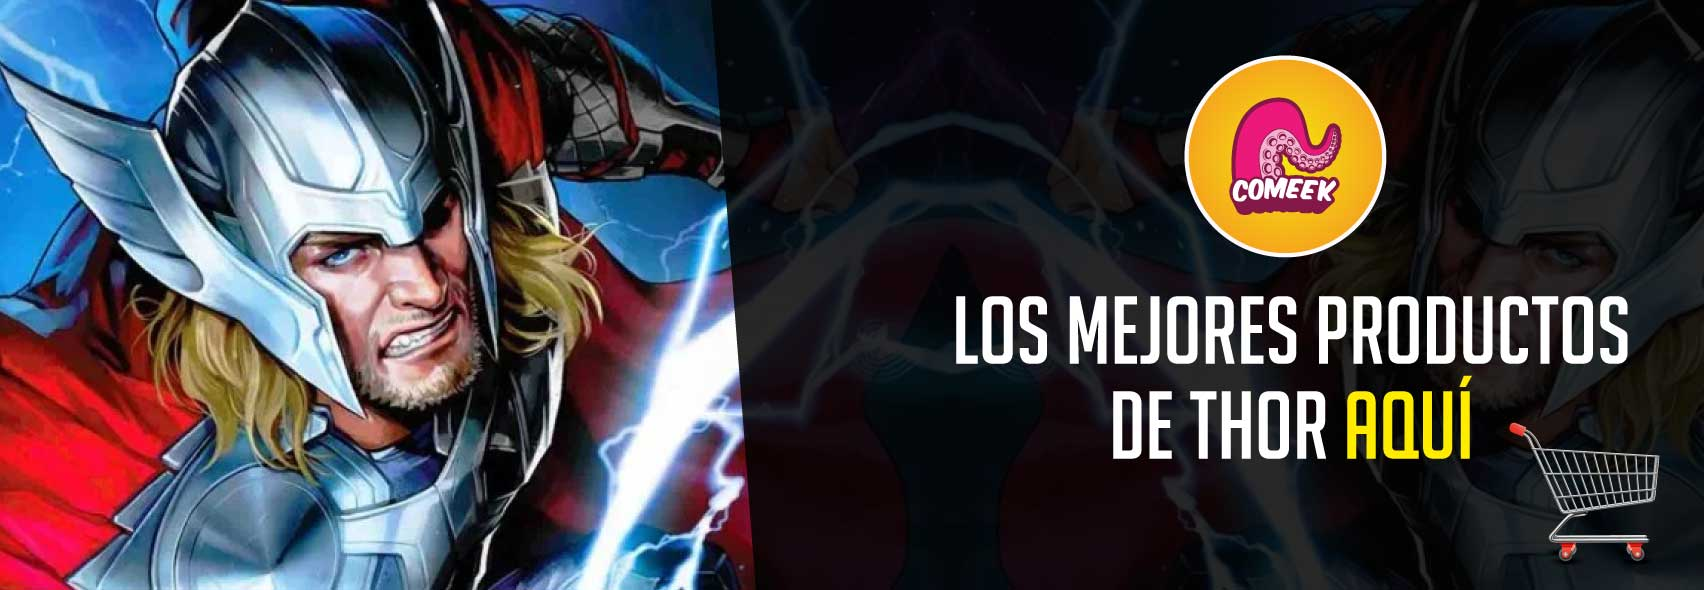 Los mejores artículos de Thor disponibles